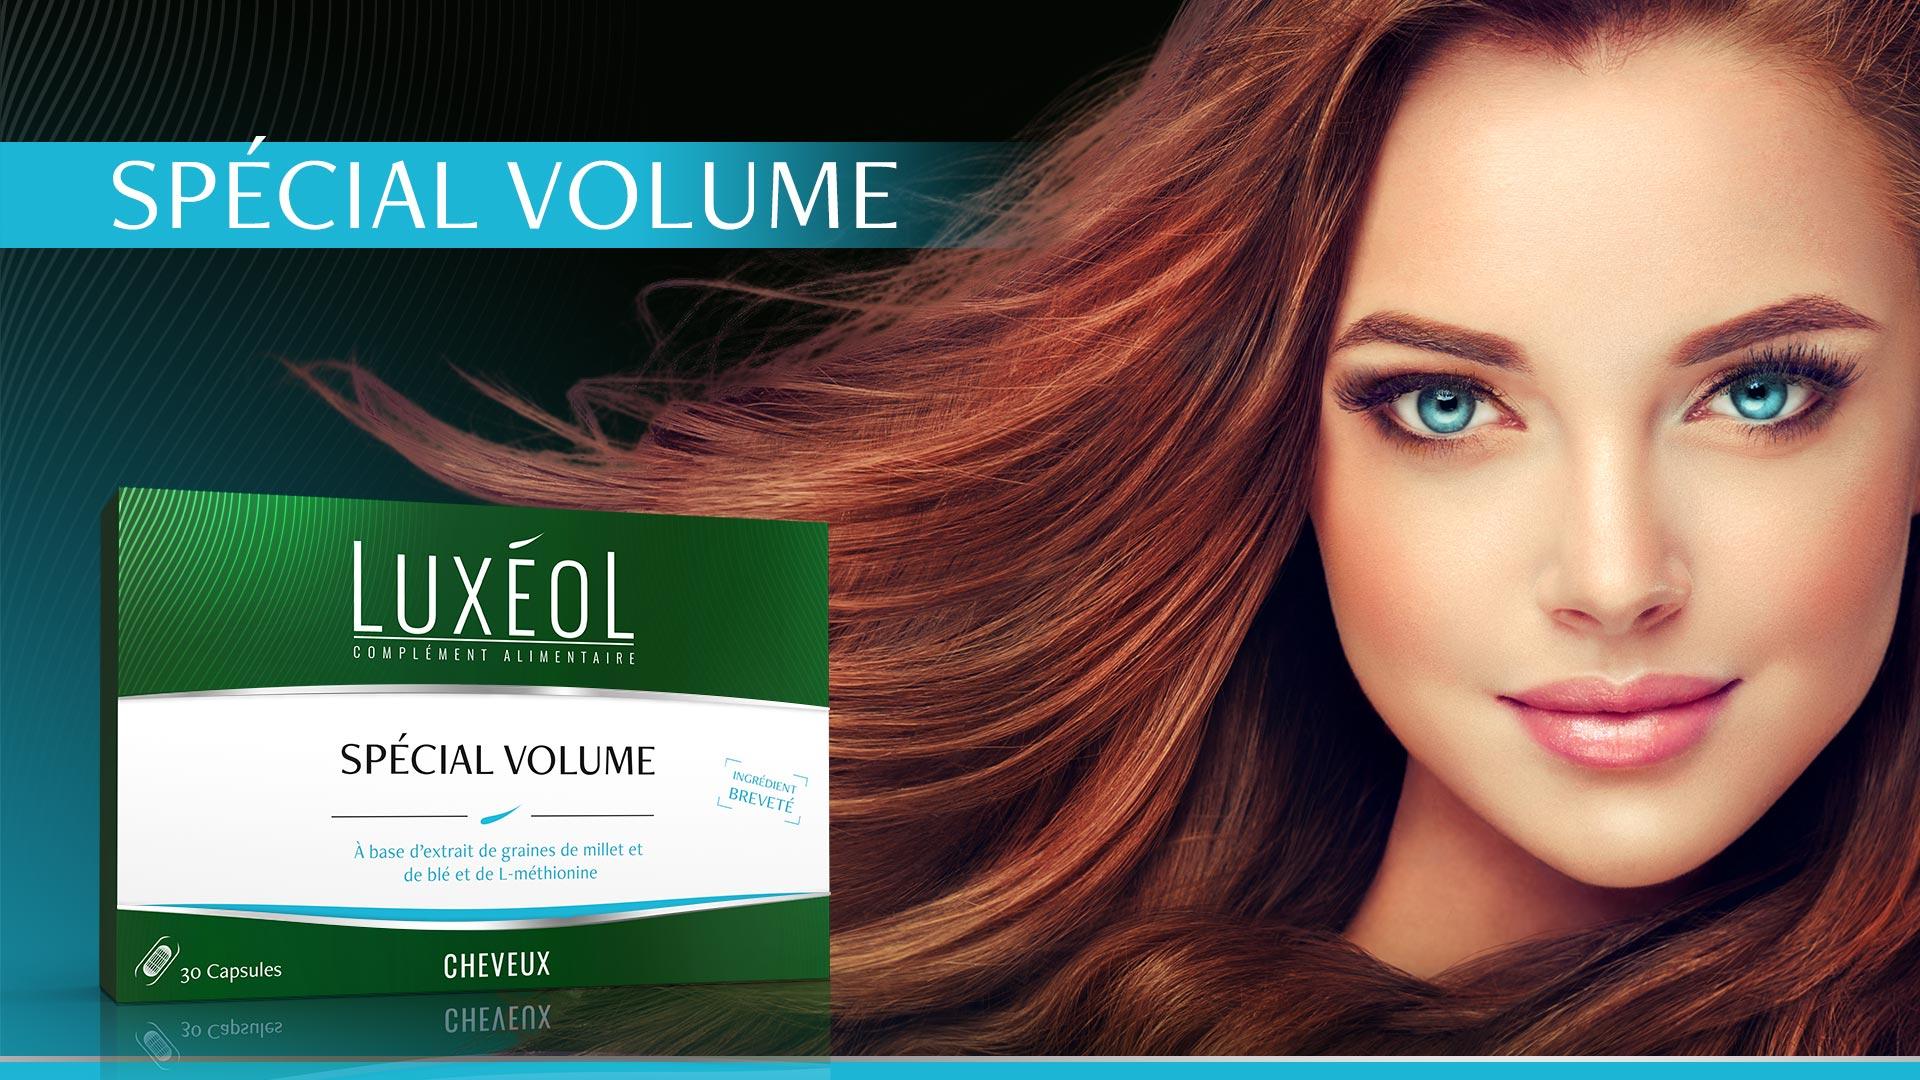 donner du volume à vos cheveux avec luxéol spécial volume